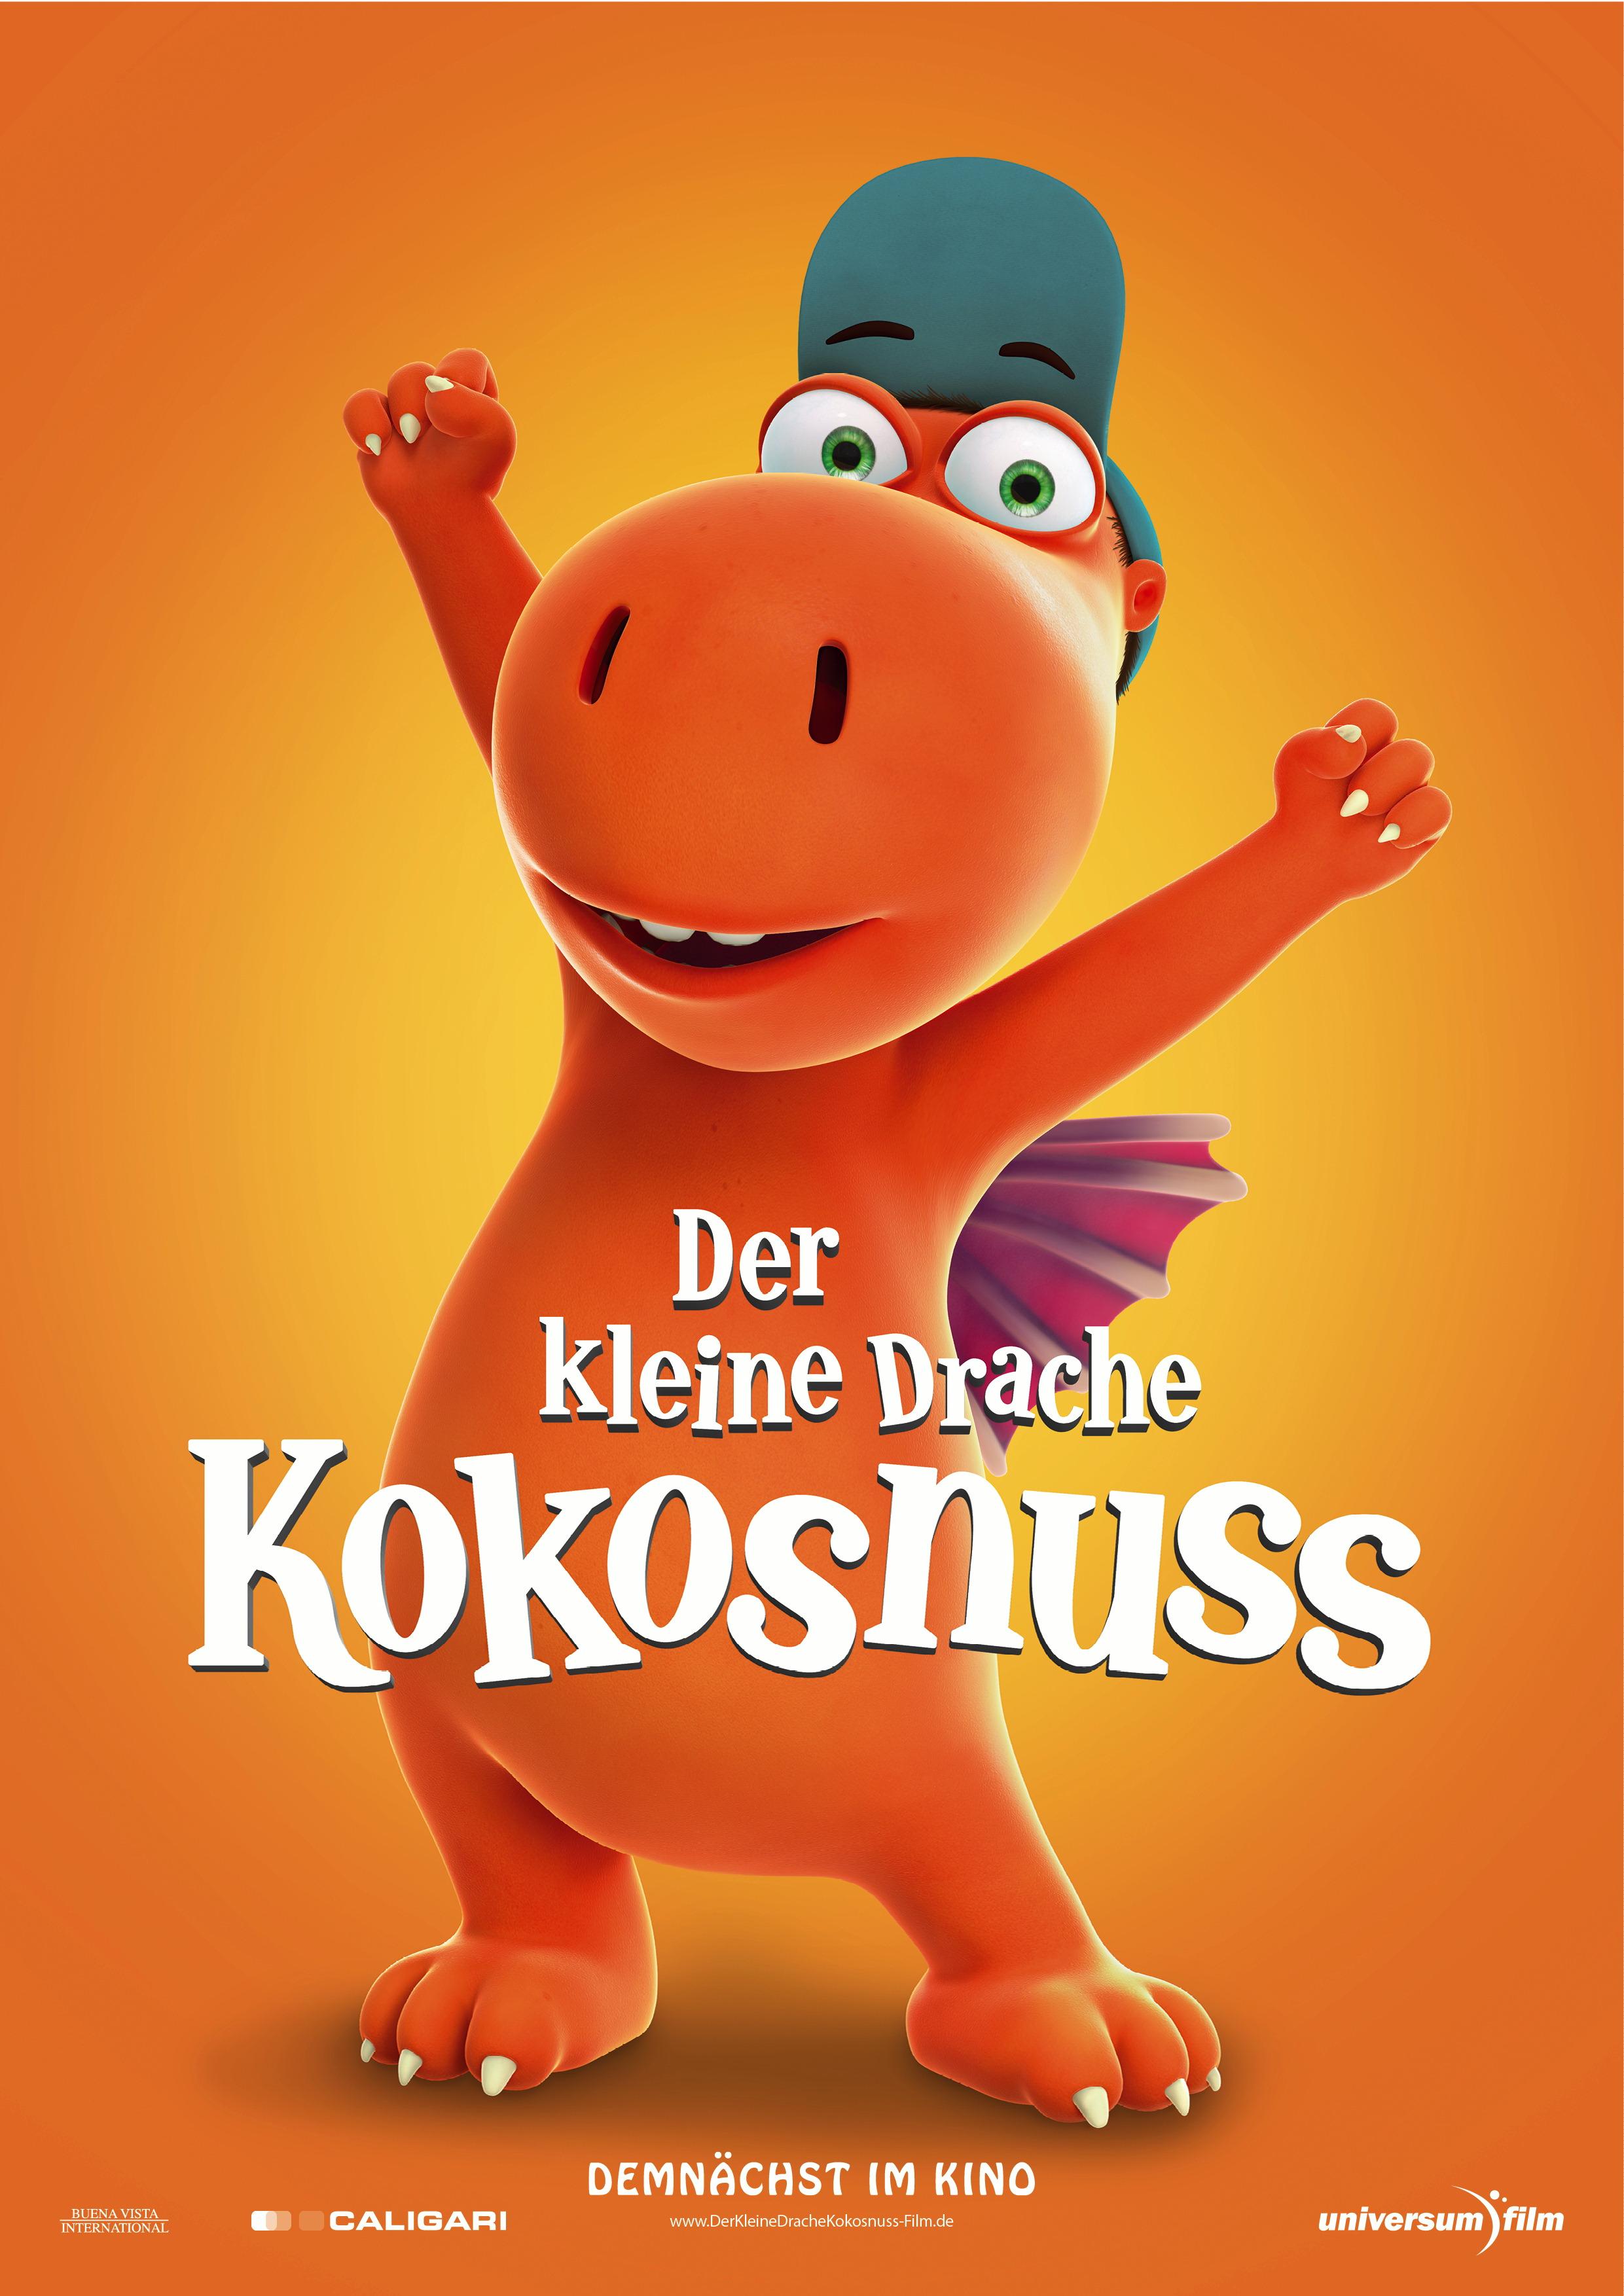 Drache Kokosnuss Kino